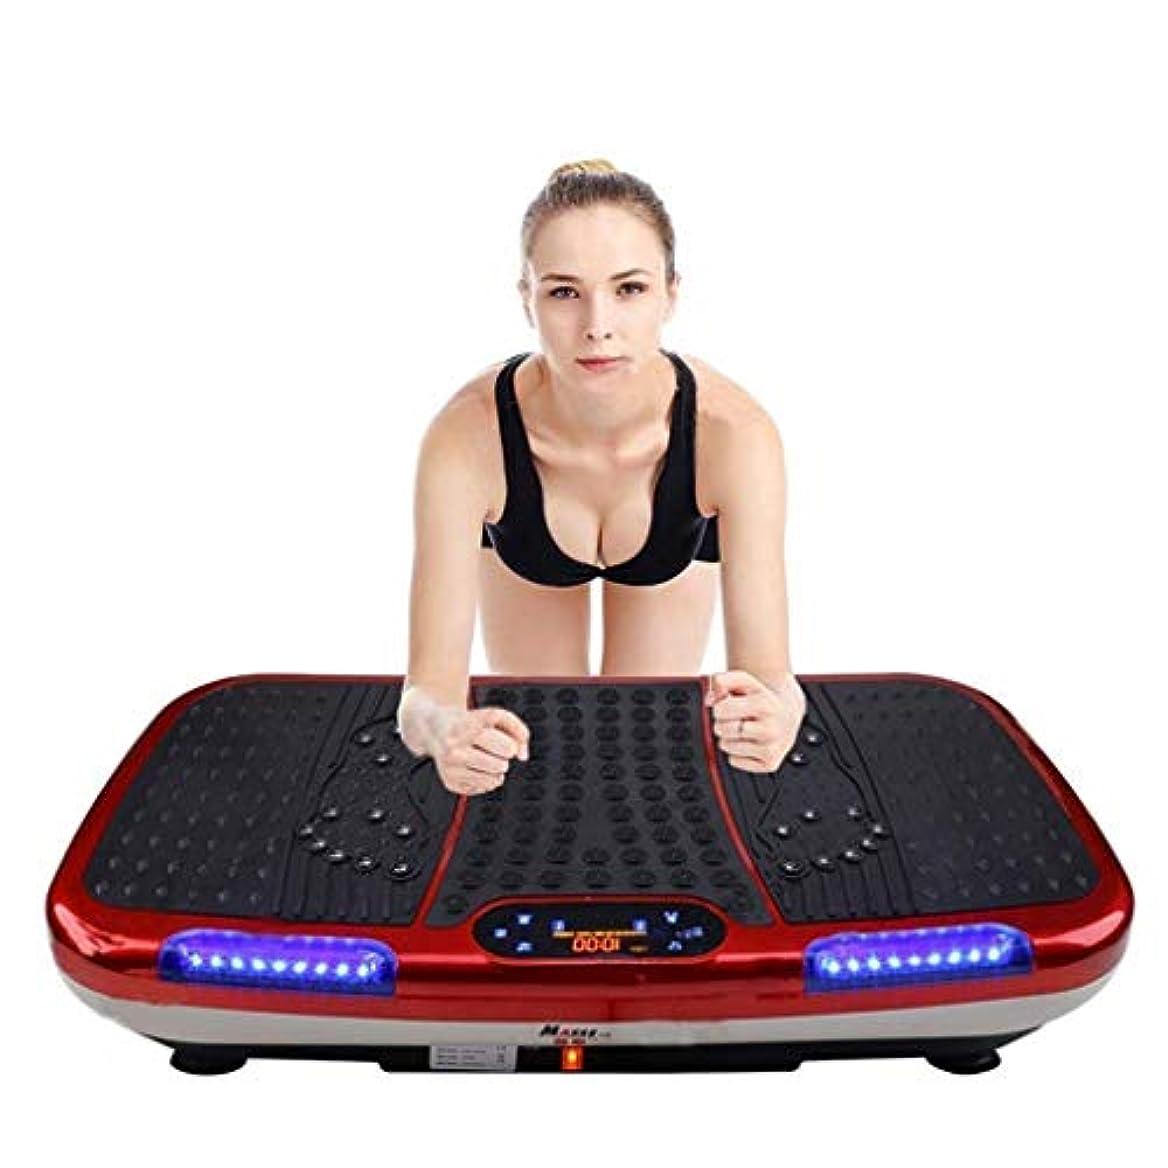 強化バルブバングラデシュ減量装置、全身フィットネス振動トレーナー、Bluetooth音楽スピーカー、過剰な脂肪を減らすホームジム